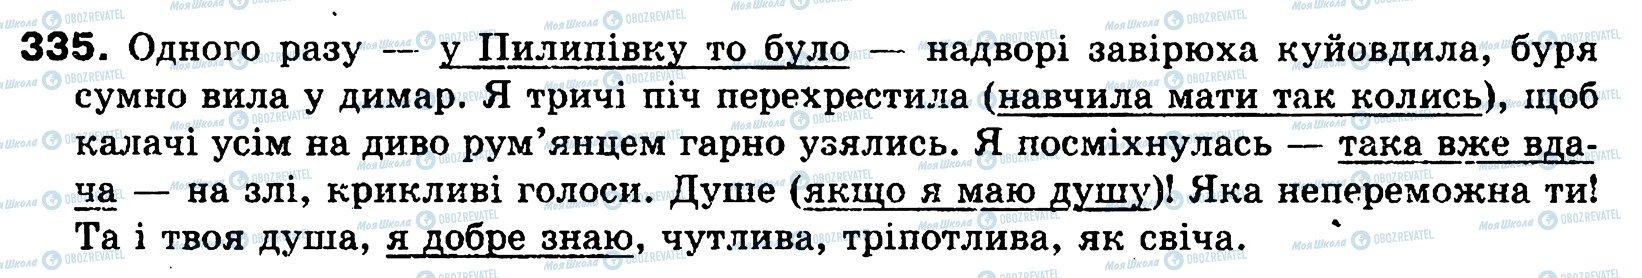 ГДЗ Українська мова 8 клас сторінка 335